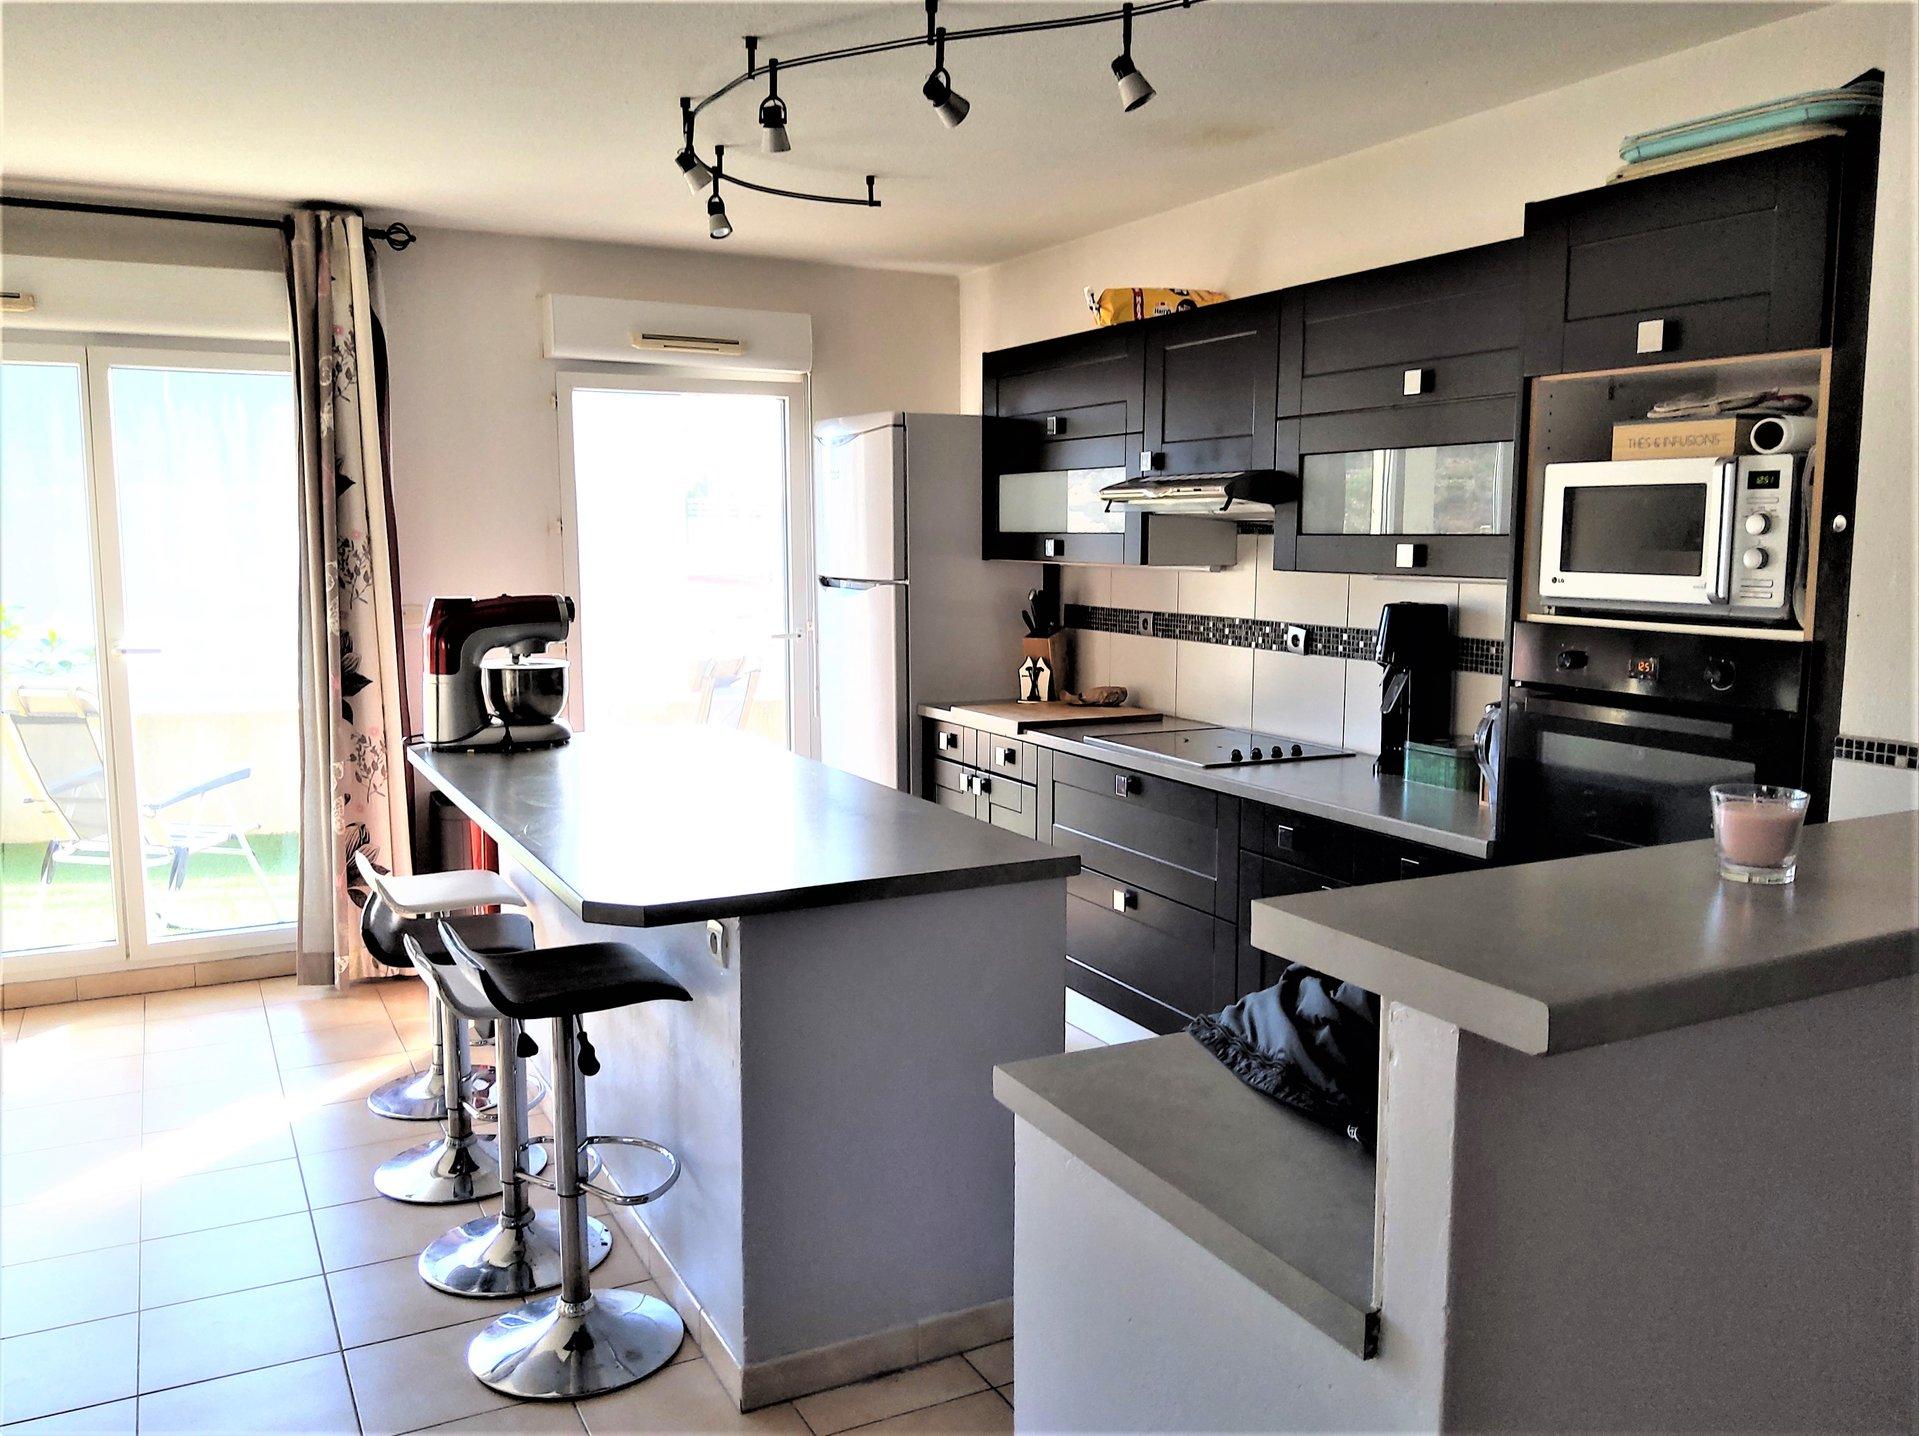 Stainless steel, kitchen island, kitchen bar